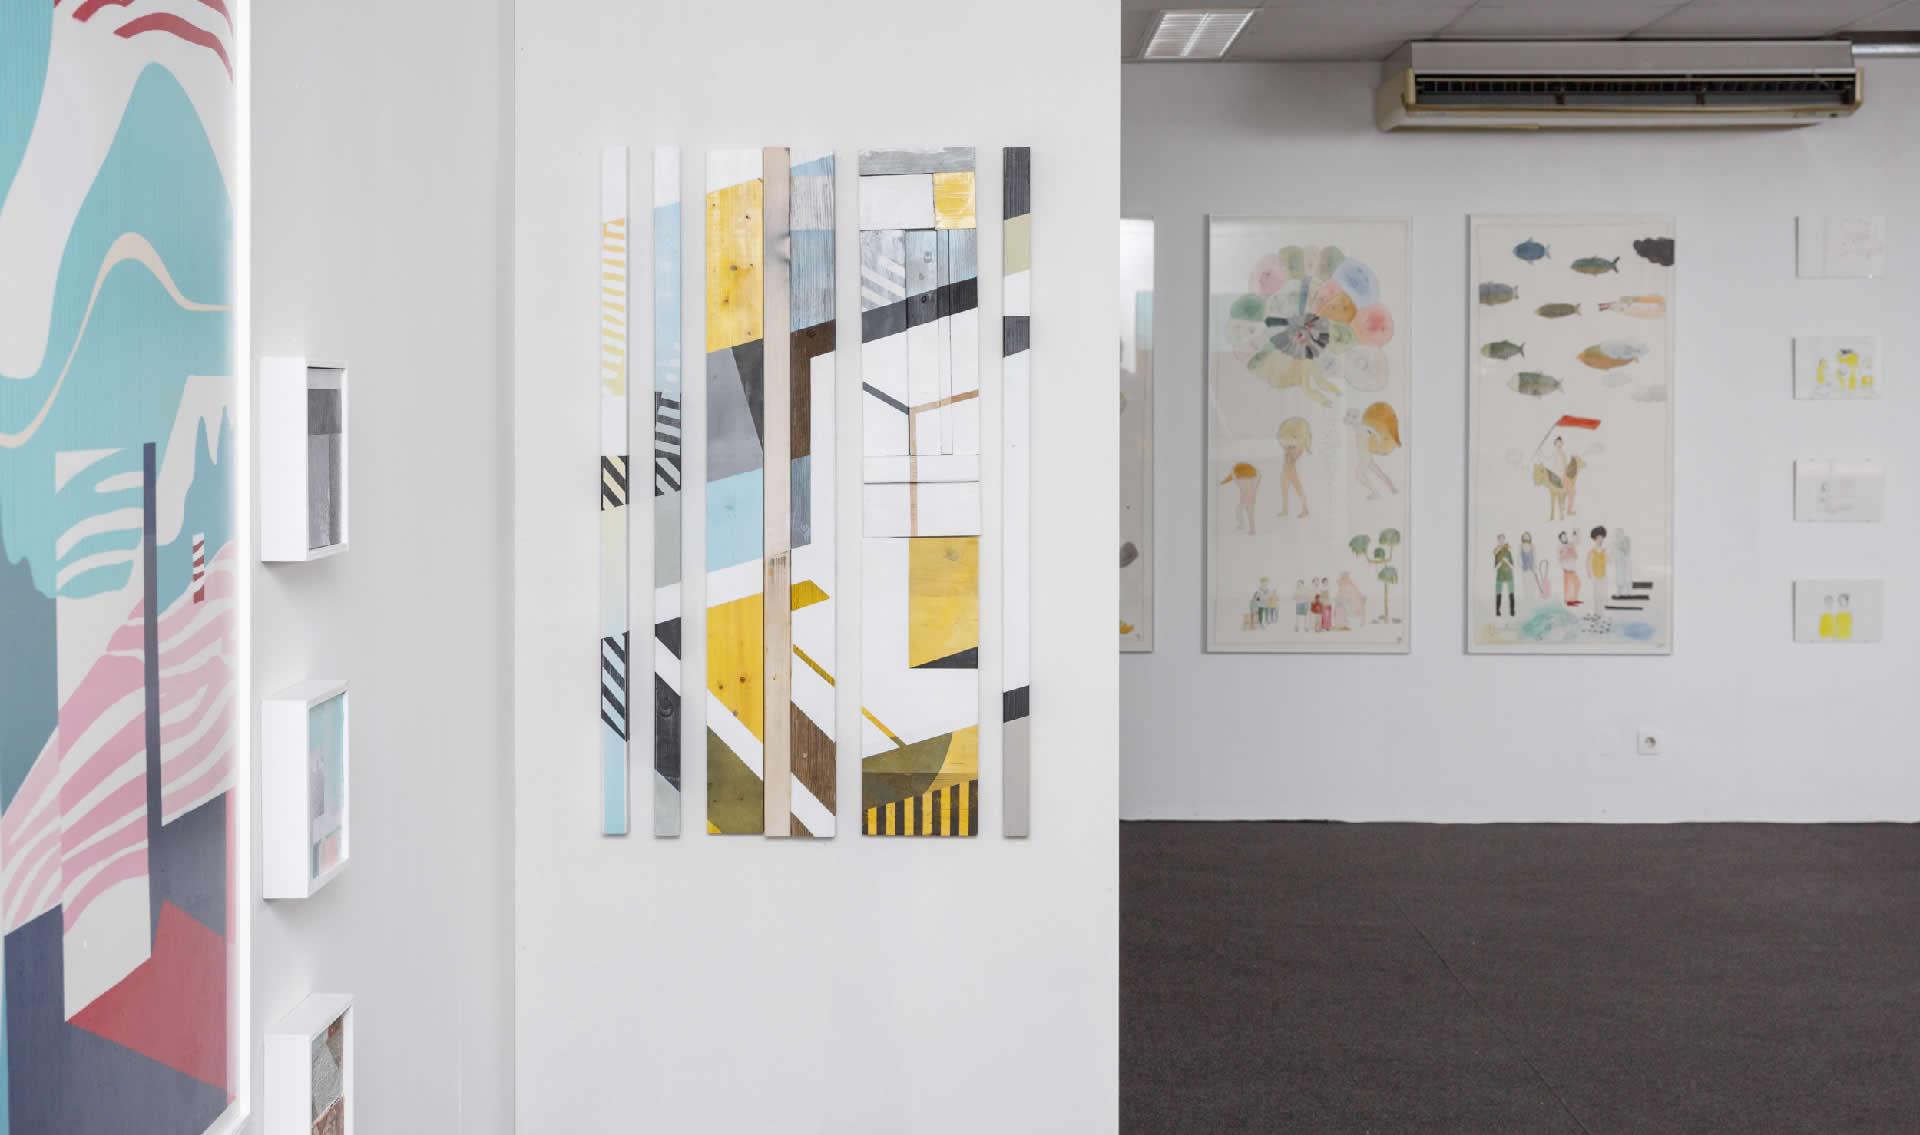 Galerie3 | Flux23 | Parallel Vienna 2017 | David Mase